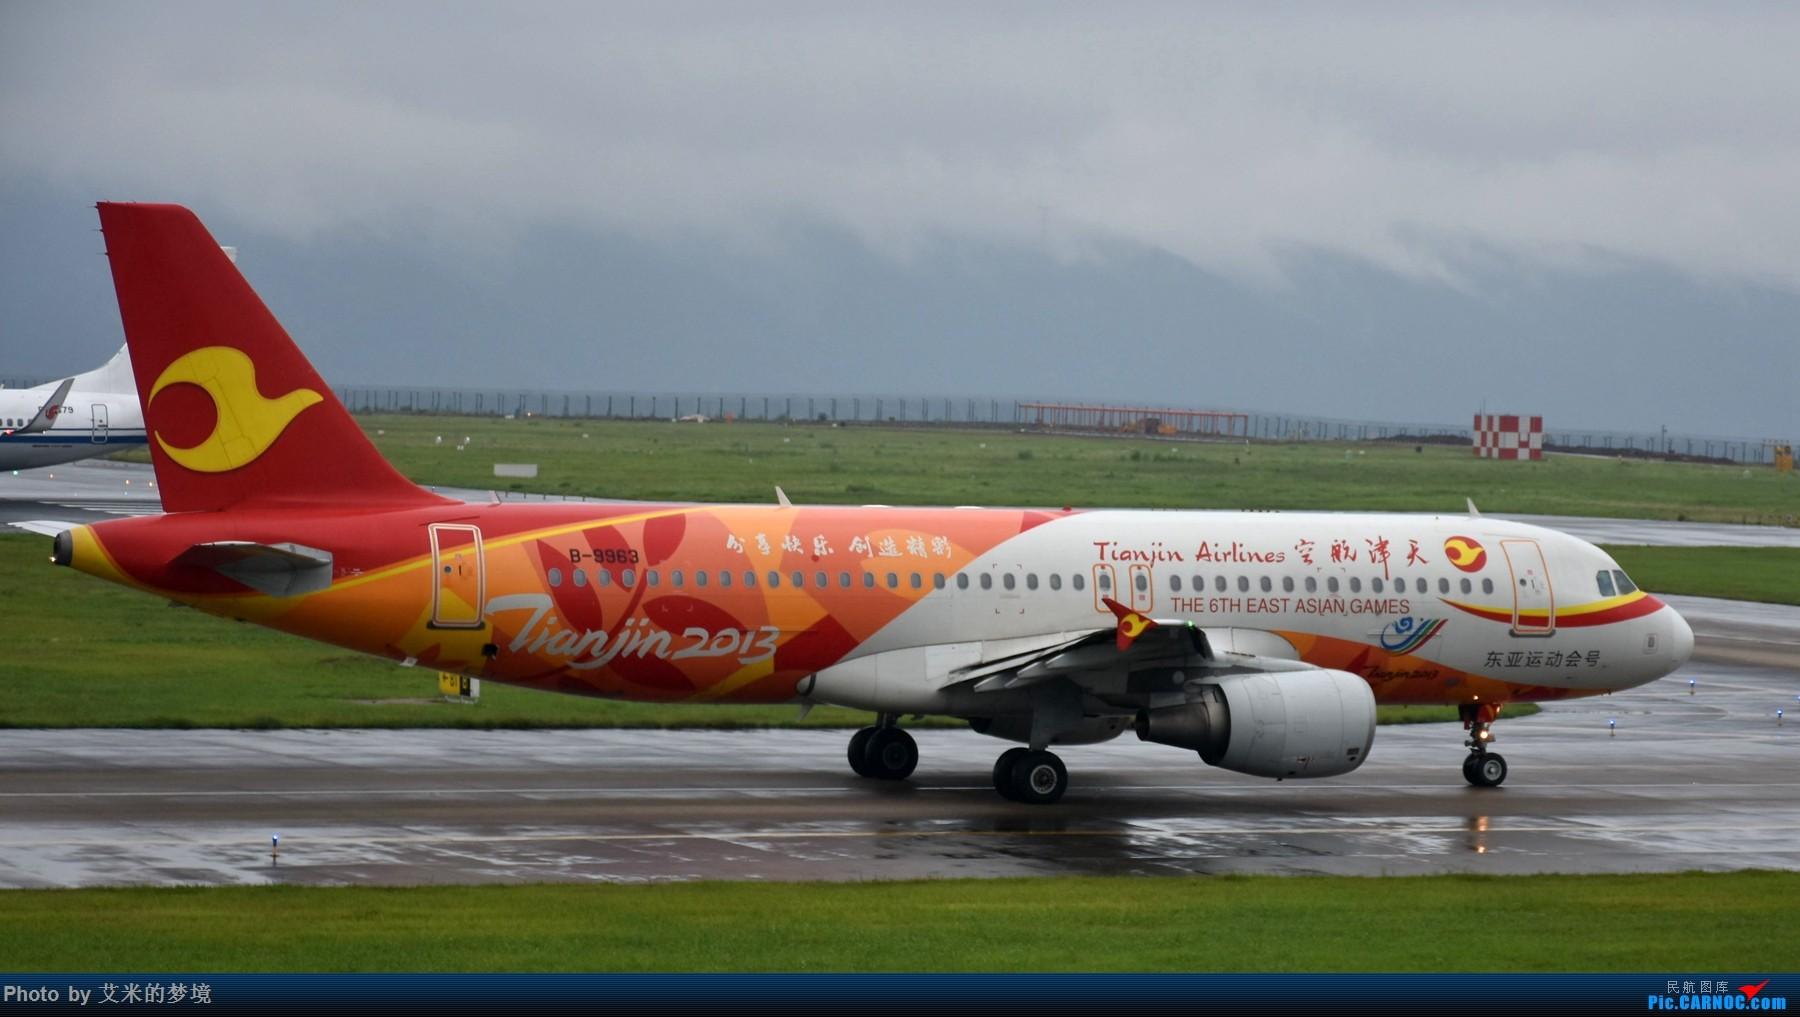 Re:[原创]【carnoc重庆飞友会】7.14雨中奔袭。。又被放鸽子的首航日 AIRBUS A320-200 B-9963 中国重庆江北国际机场